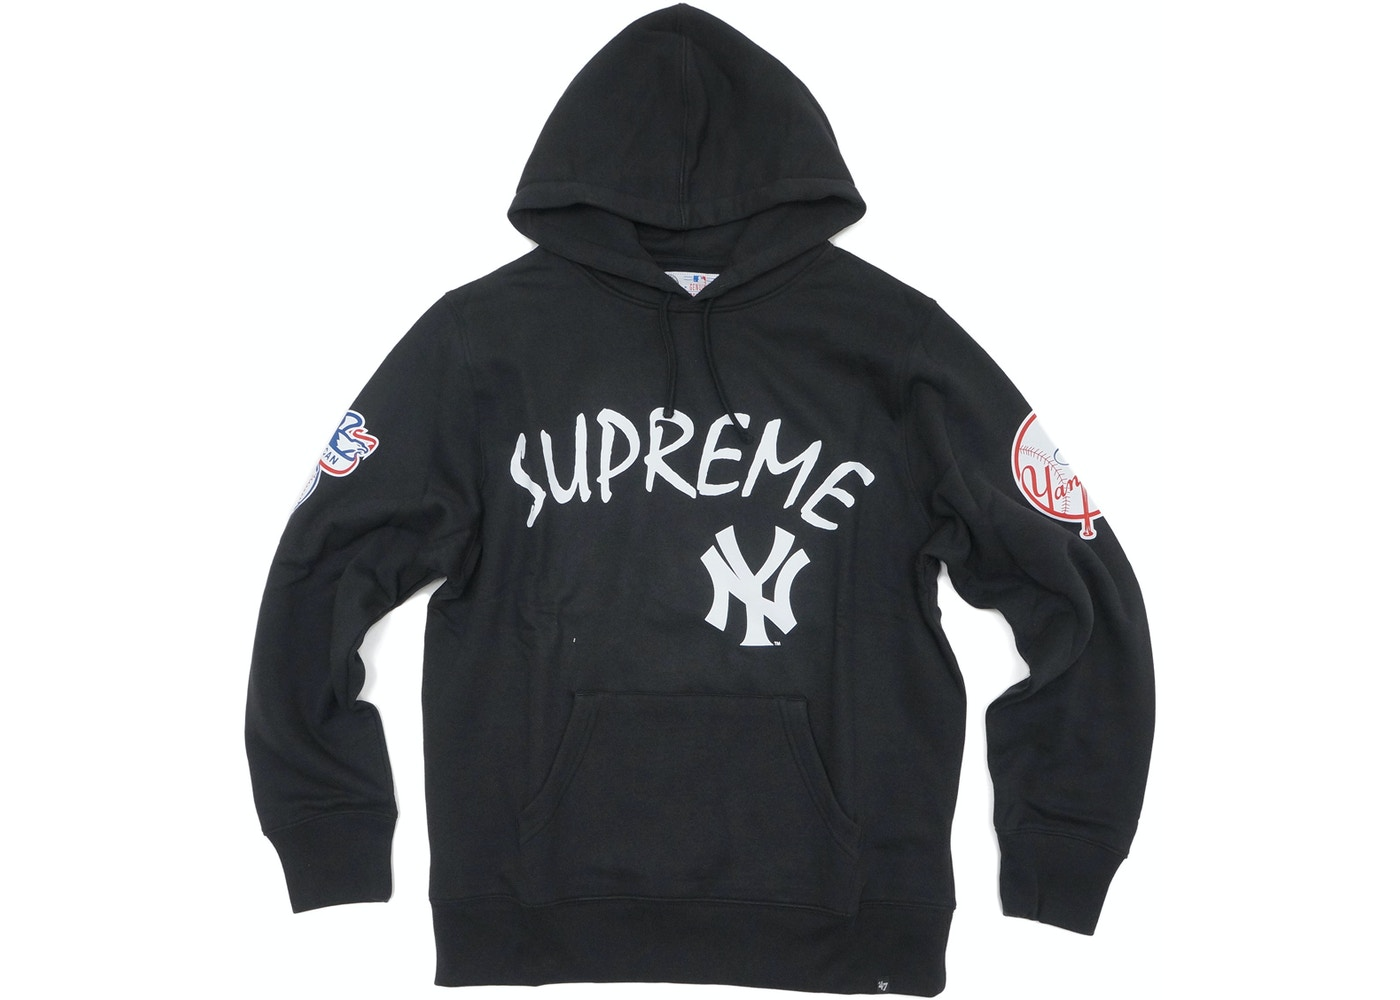 buy popular c198d 8b444 Supreme Yankees Hooded Sweatshirt Black